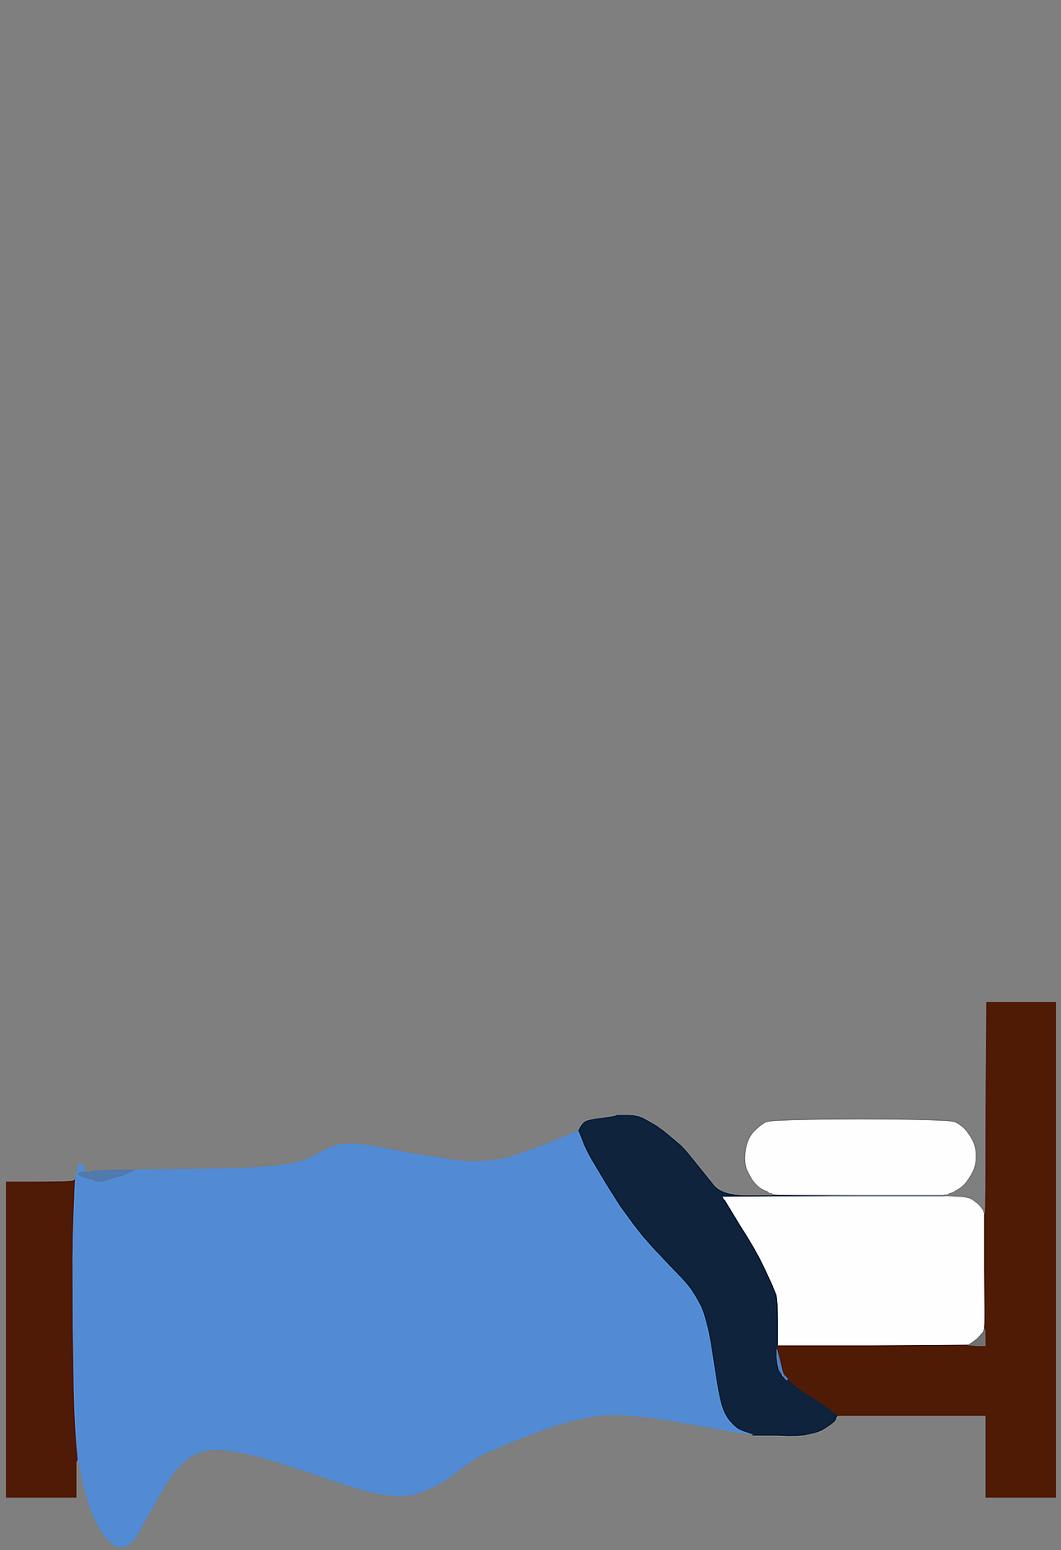 Bevorzugt Bett beziehen - Gutscheinvorlagen downloaden & verschenken RX86